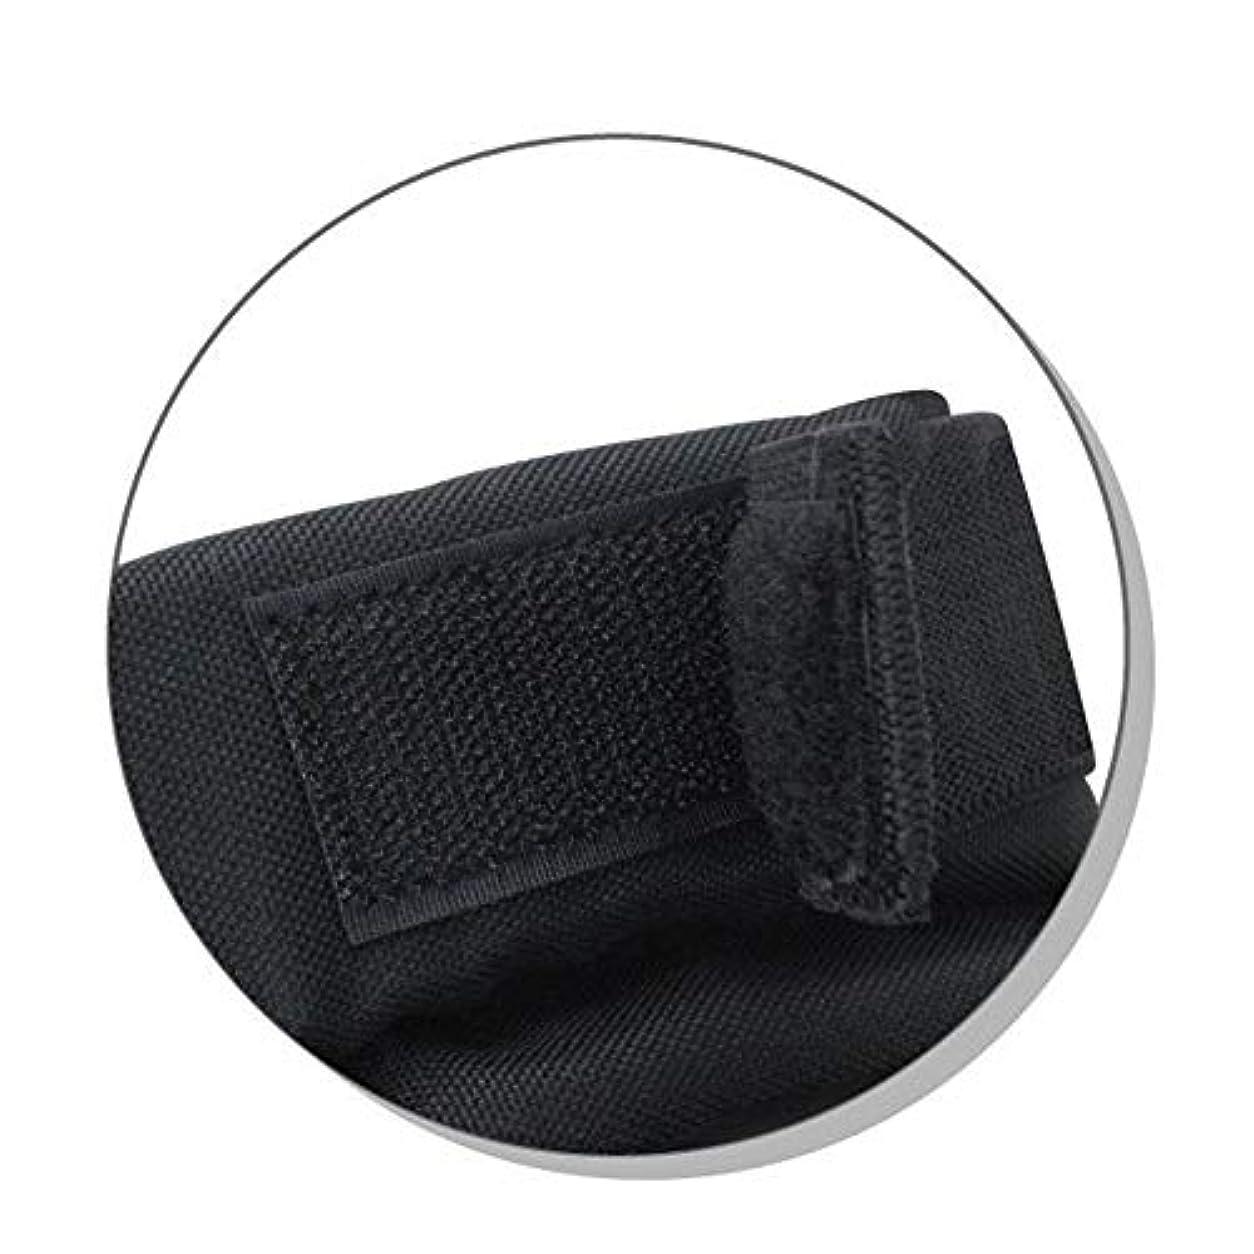 そこから民兵永遠のスポーツの防護服、ローラースケートのバイキングスポーツのための膝の肘の手首のプロテクターパッド (色 : ブラック, サイズ さいず : S s)